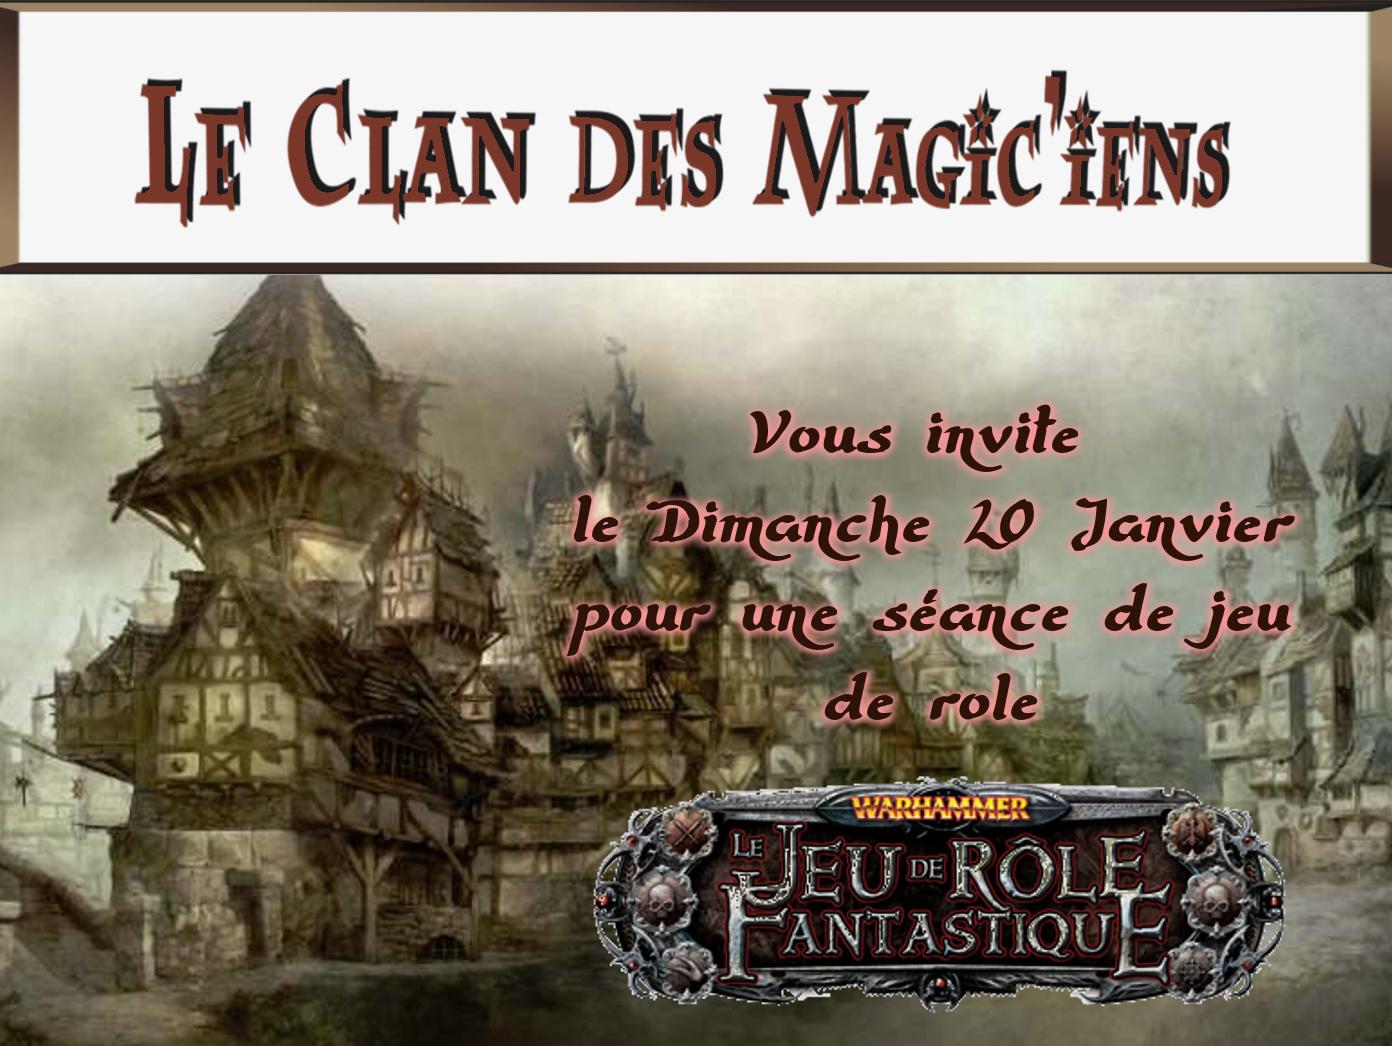 Dimanche 20 Janvier : Jeu de rôle (Warhammer ou autre jdr) à partir de 14h YxgAd